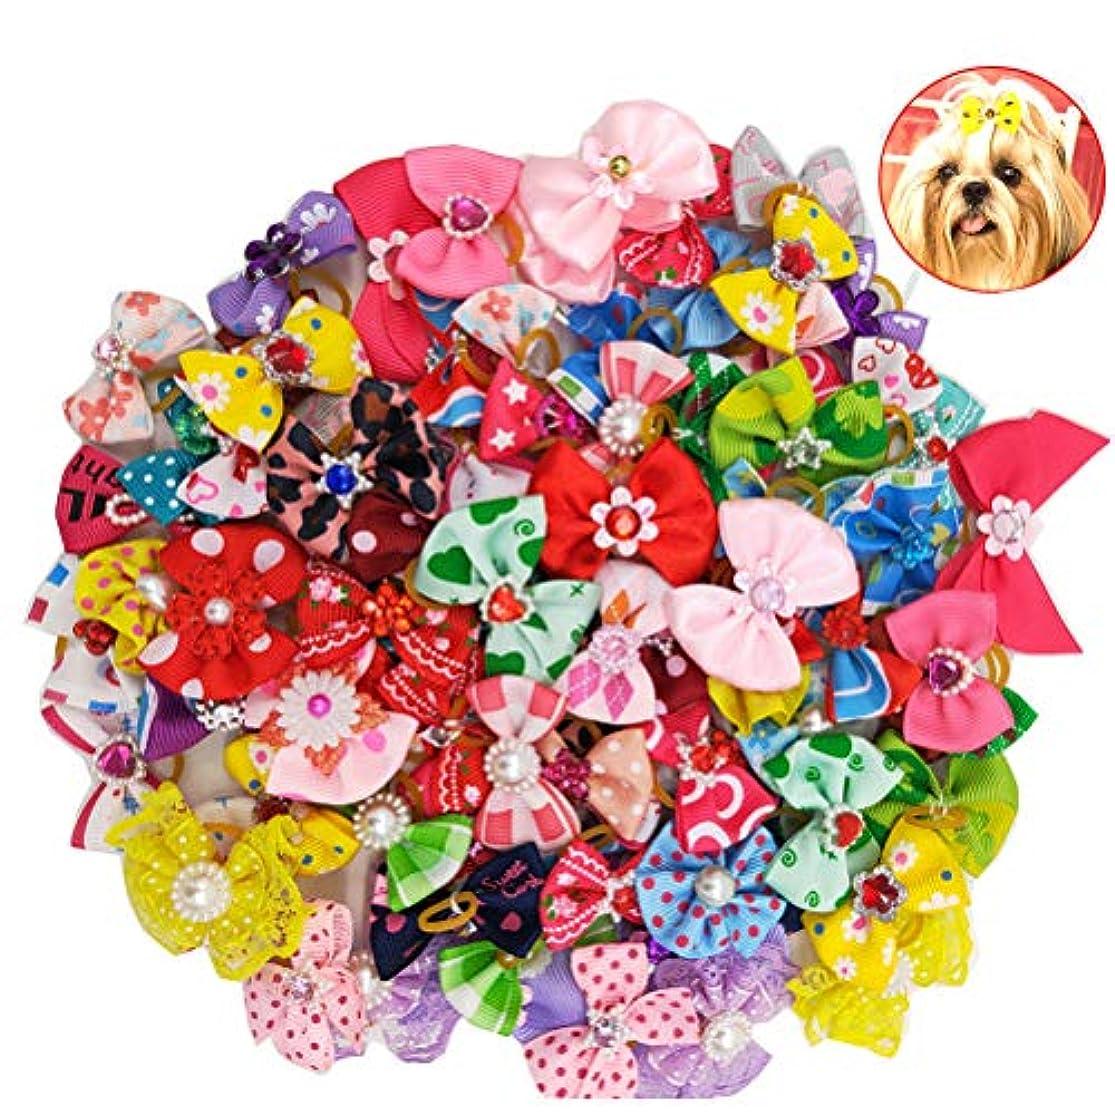 協力的親密な現実Balacoo 50個入り多色犬の髪の弓とゴムバンド弾性髪のバンドちょう結び帽子の帽子猫の犬のための(混合色)